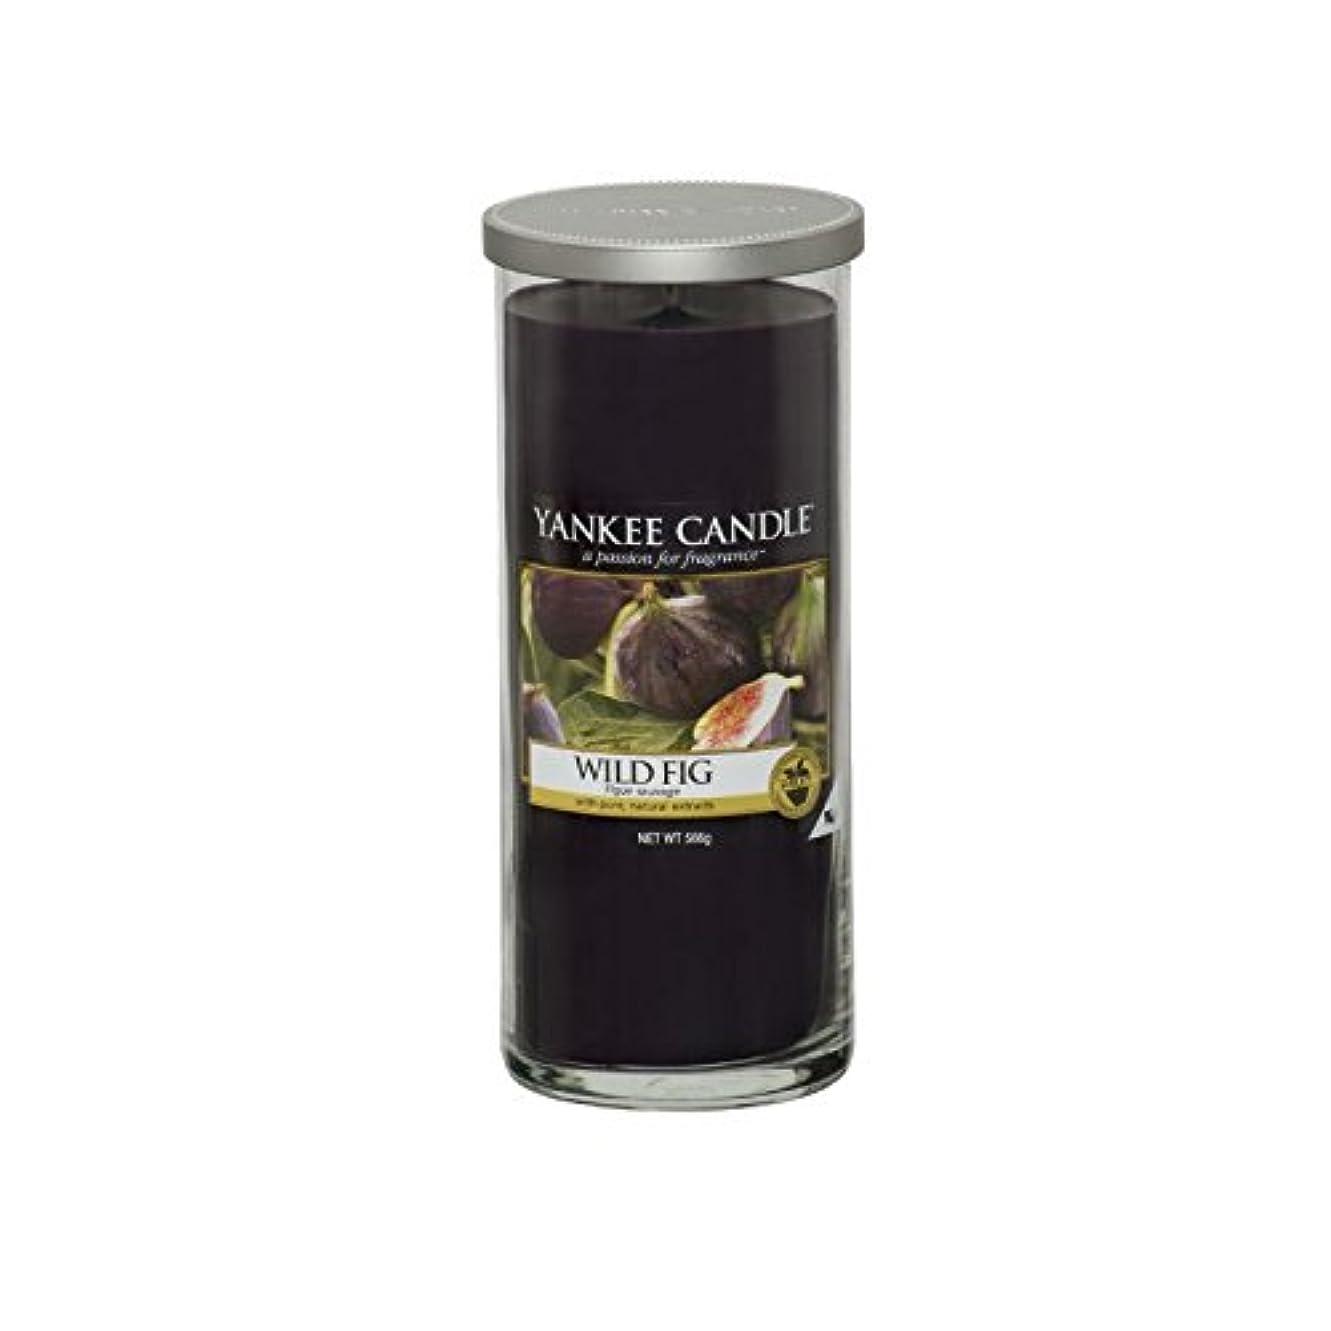 ヤンキーキャンドル大きな柱キャンドル - 野生のイチジク - Yankee Candles Large Pillar Candle - Wild Fig (Yankee Candles) [並行輸入品]